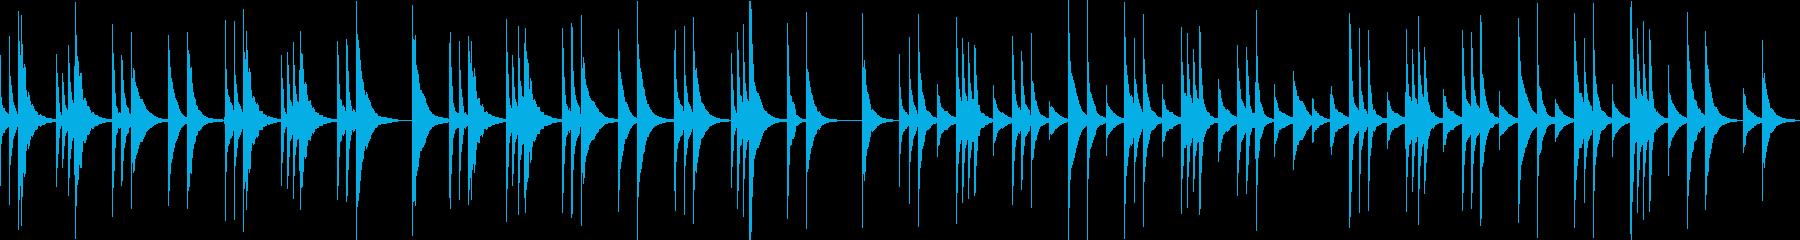 アメイジンググレイスのオルゴールアレンジの再生済みの波形